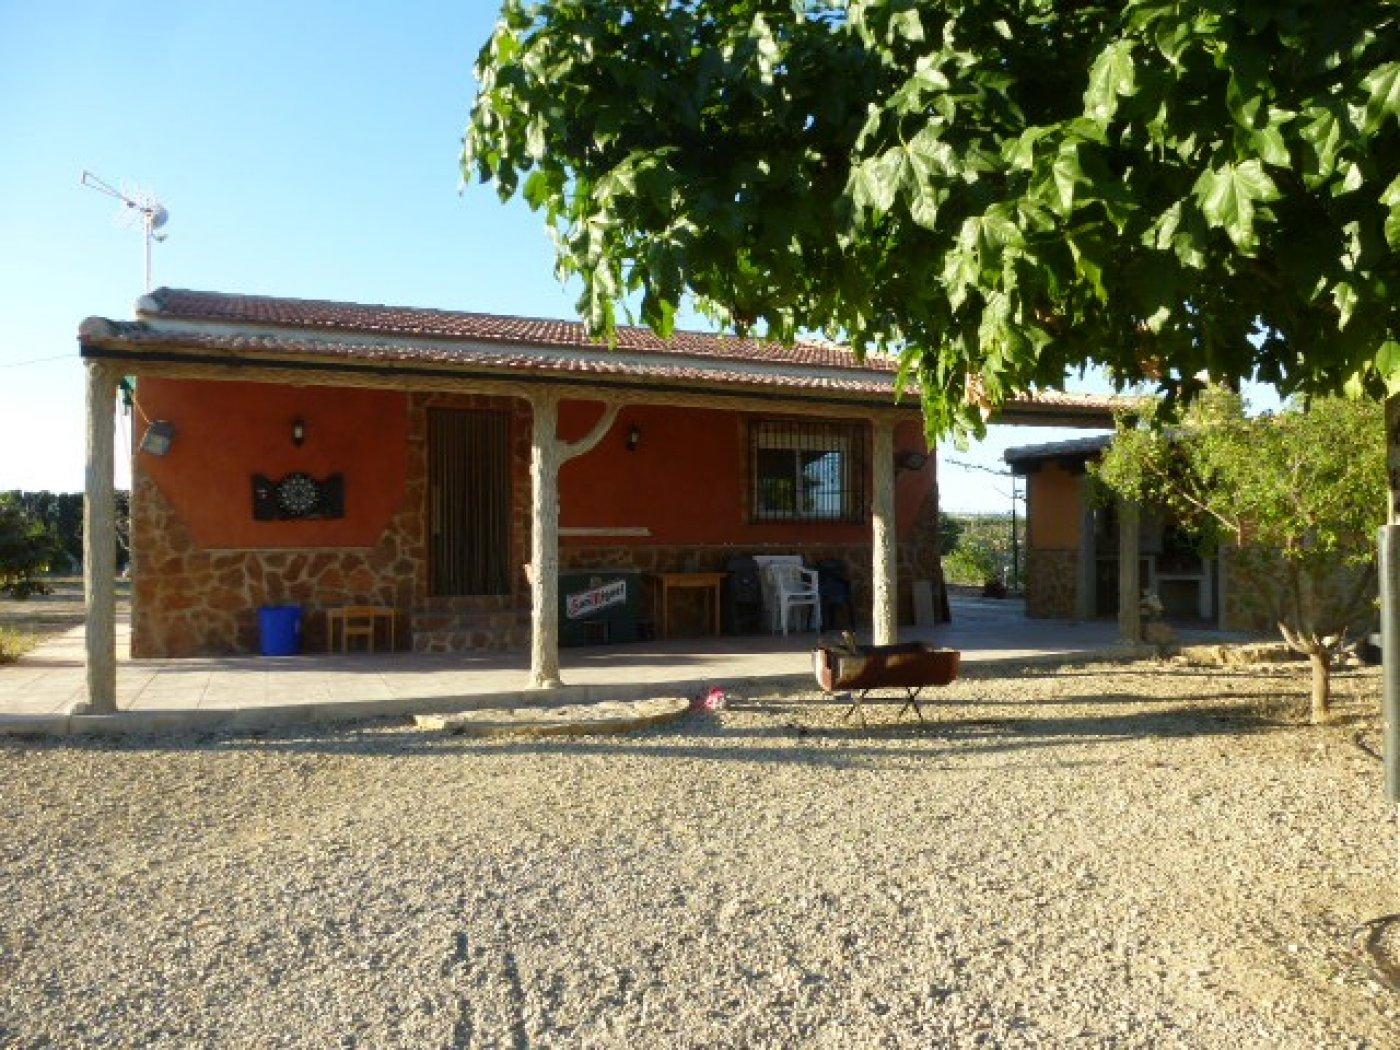 Alquiler Casa  Sangonera la seca ,base aerea. Se alquila casa para verano con terreno y piscina